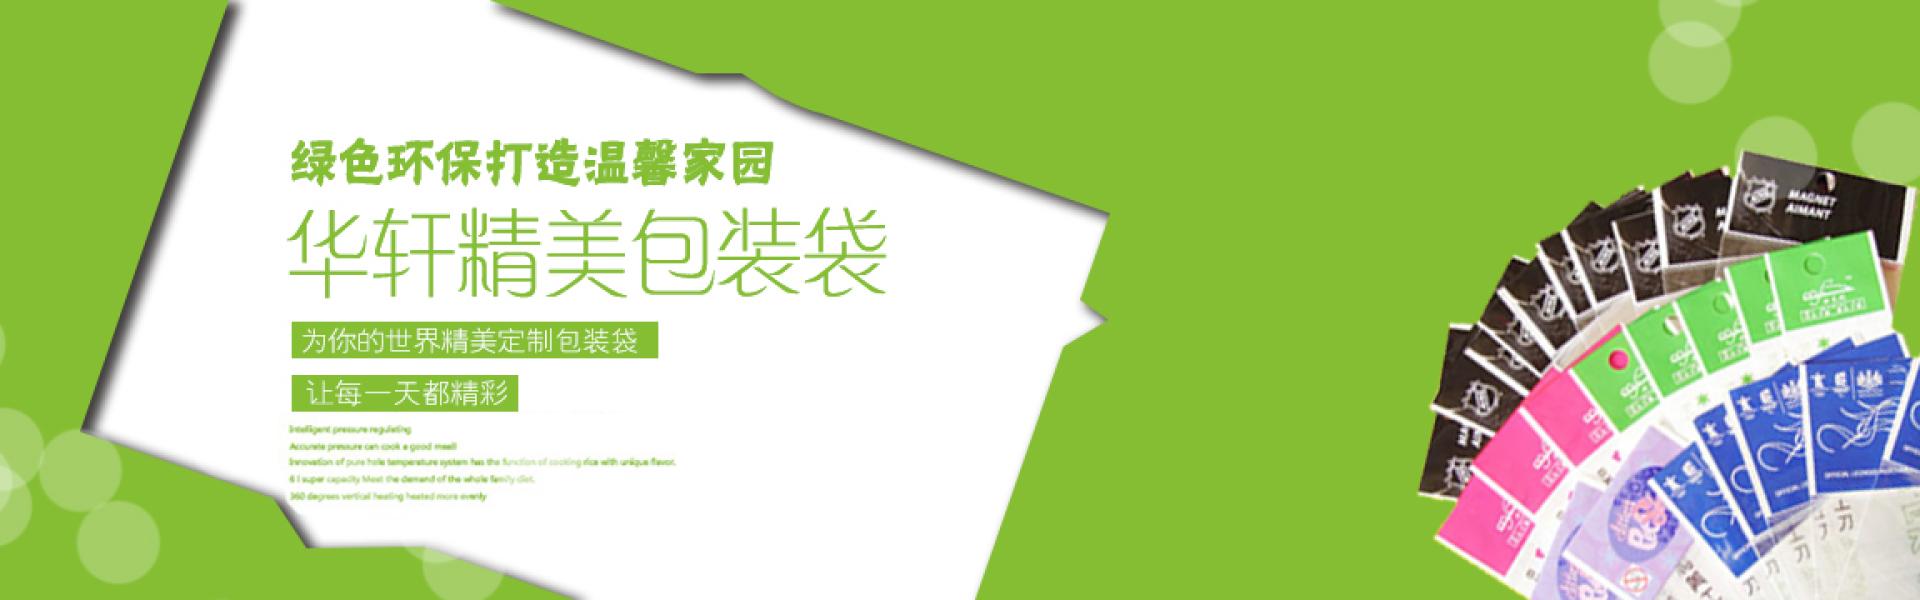 华轩塑料包装主要经营各行业所需的各种类型材(PP,PE,PO,PVC,OPP,NY,POF,PET或多层复合)的透明和黑色印刷的胶袋,塑料袋等产品!